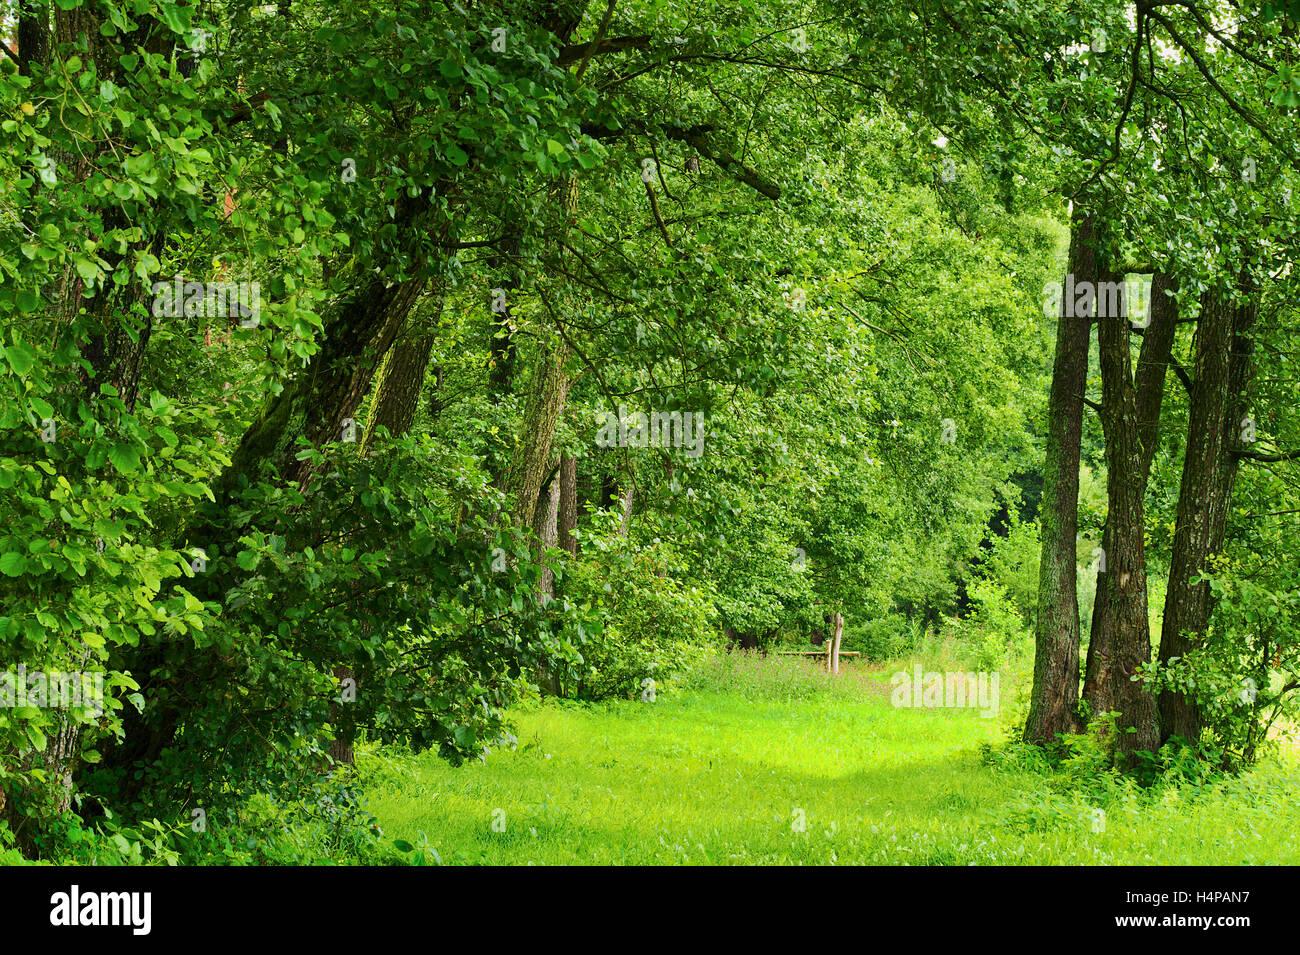 Grünen romantischen Lichtung oder Gasse in Laubwald wächst in Greenwood Podlaskie Provinz, Nord-Ost-Polen. Stockbild